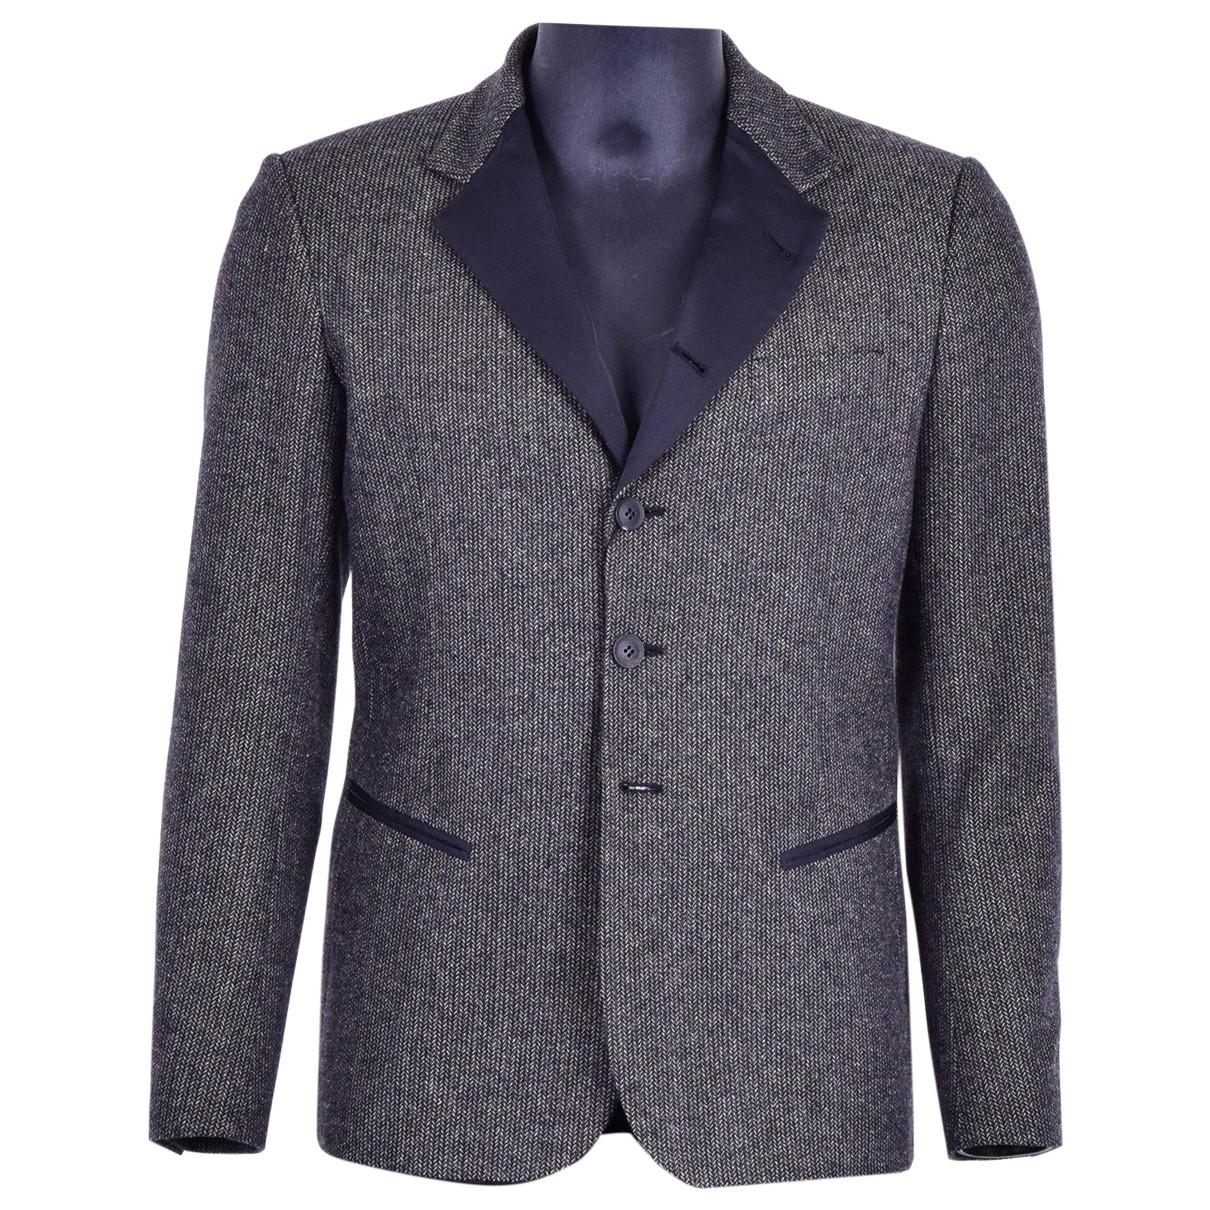 Dolce & Gabbana - Vestes.Blousons   pour homme en laine - marron